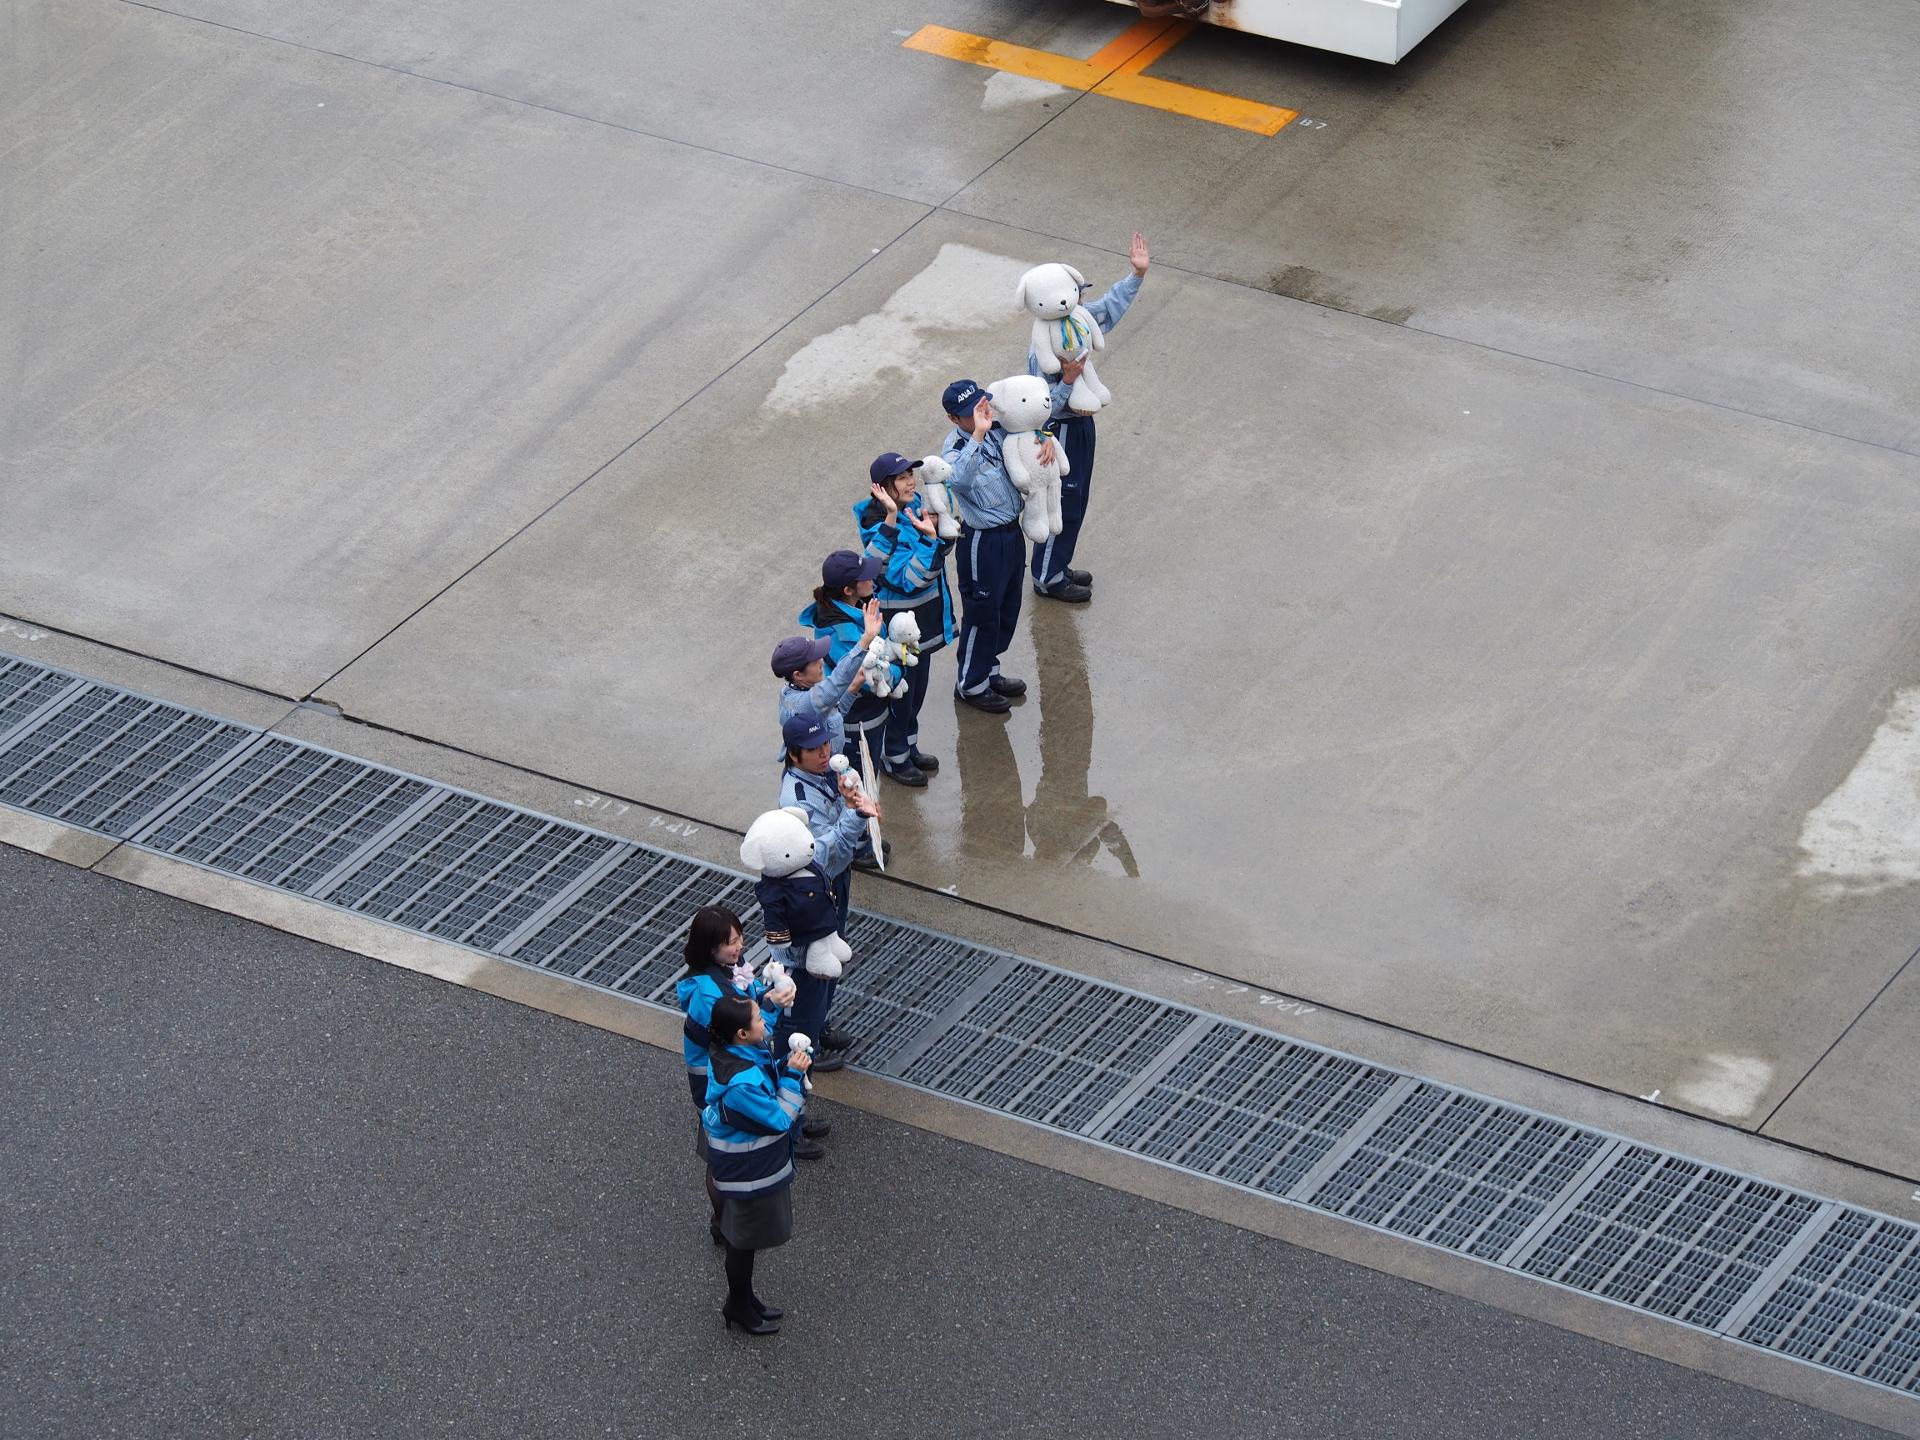 乗客を見送るグランドスタッフたち。